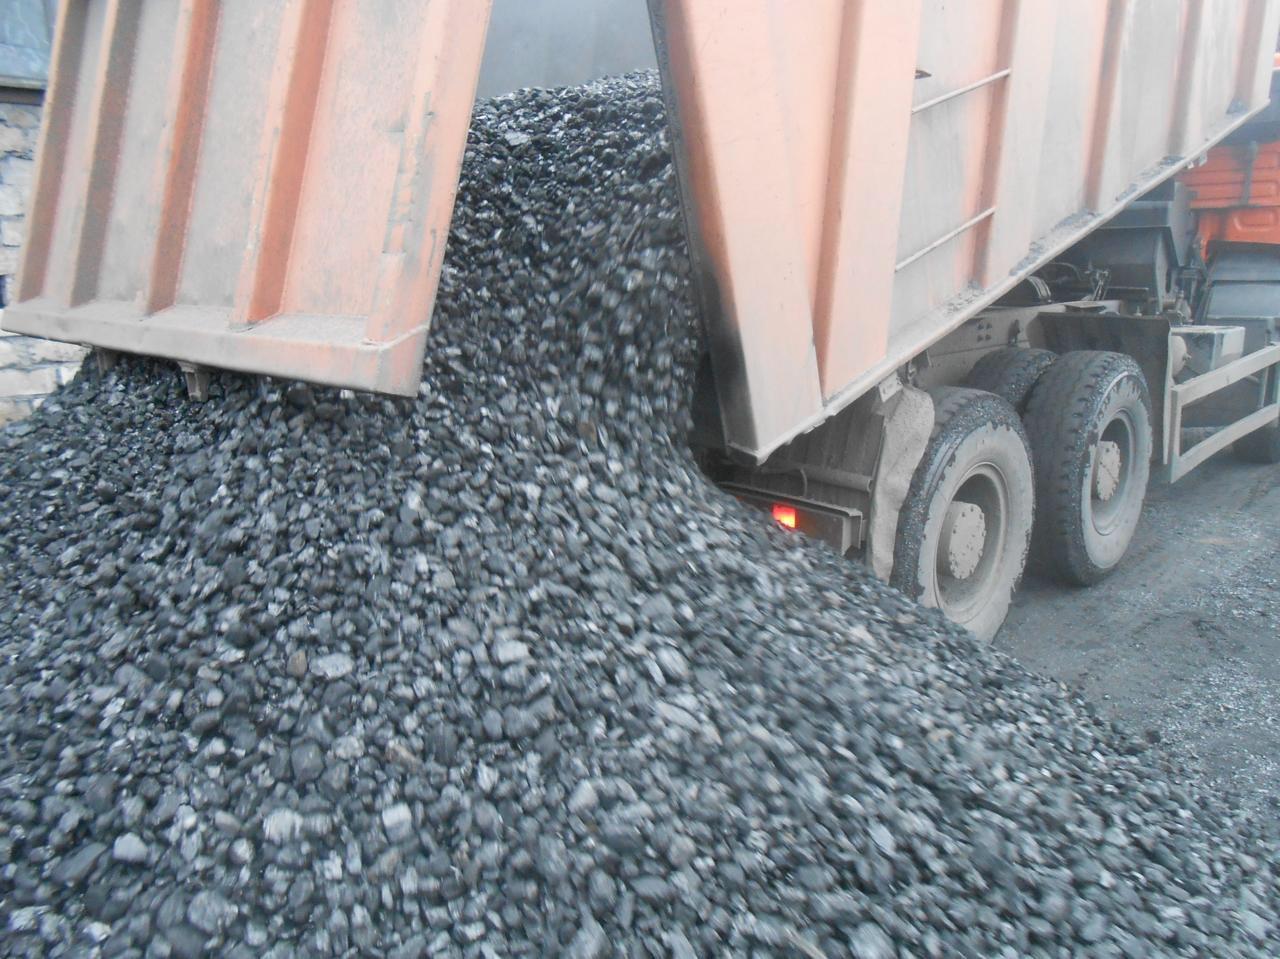 №2565 Продажа каменного угля. Опт. Вагонные поставки.